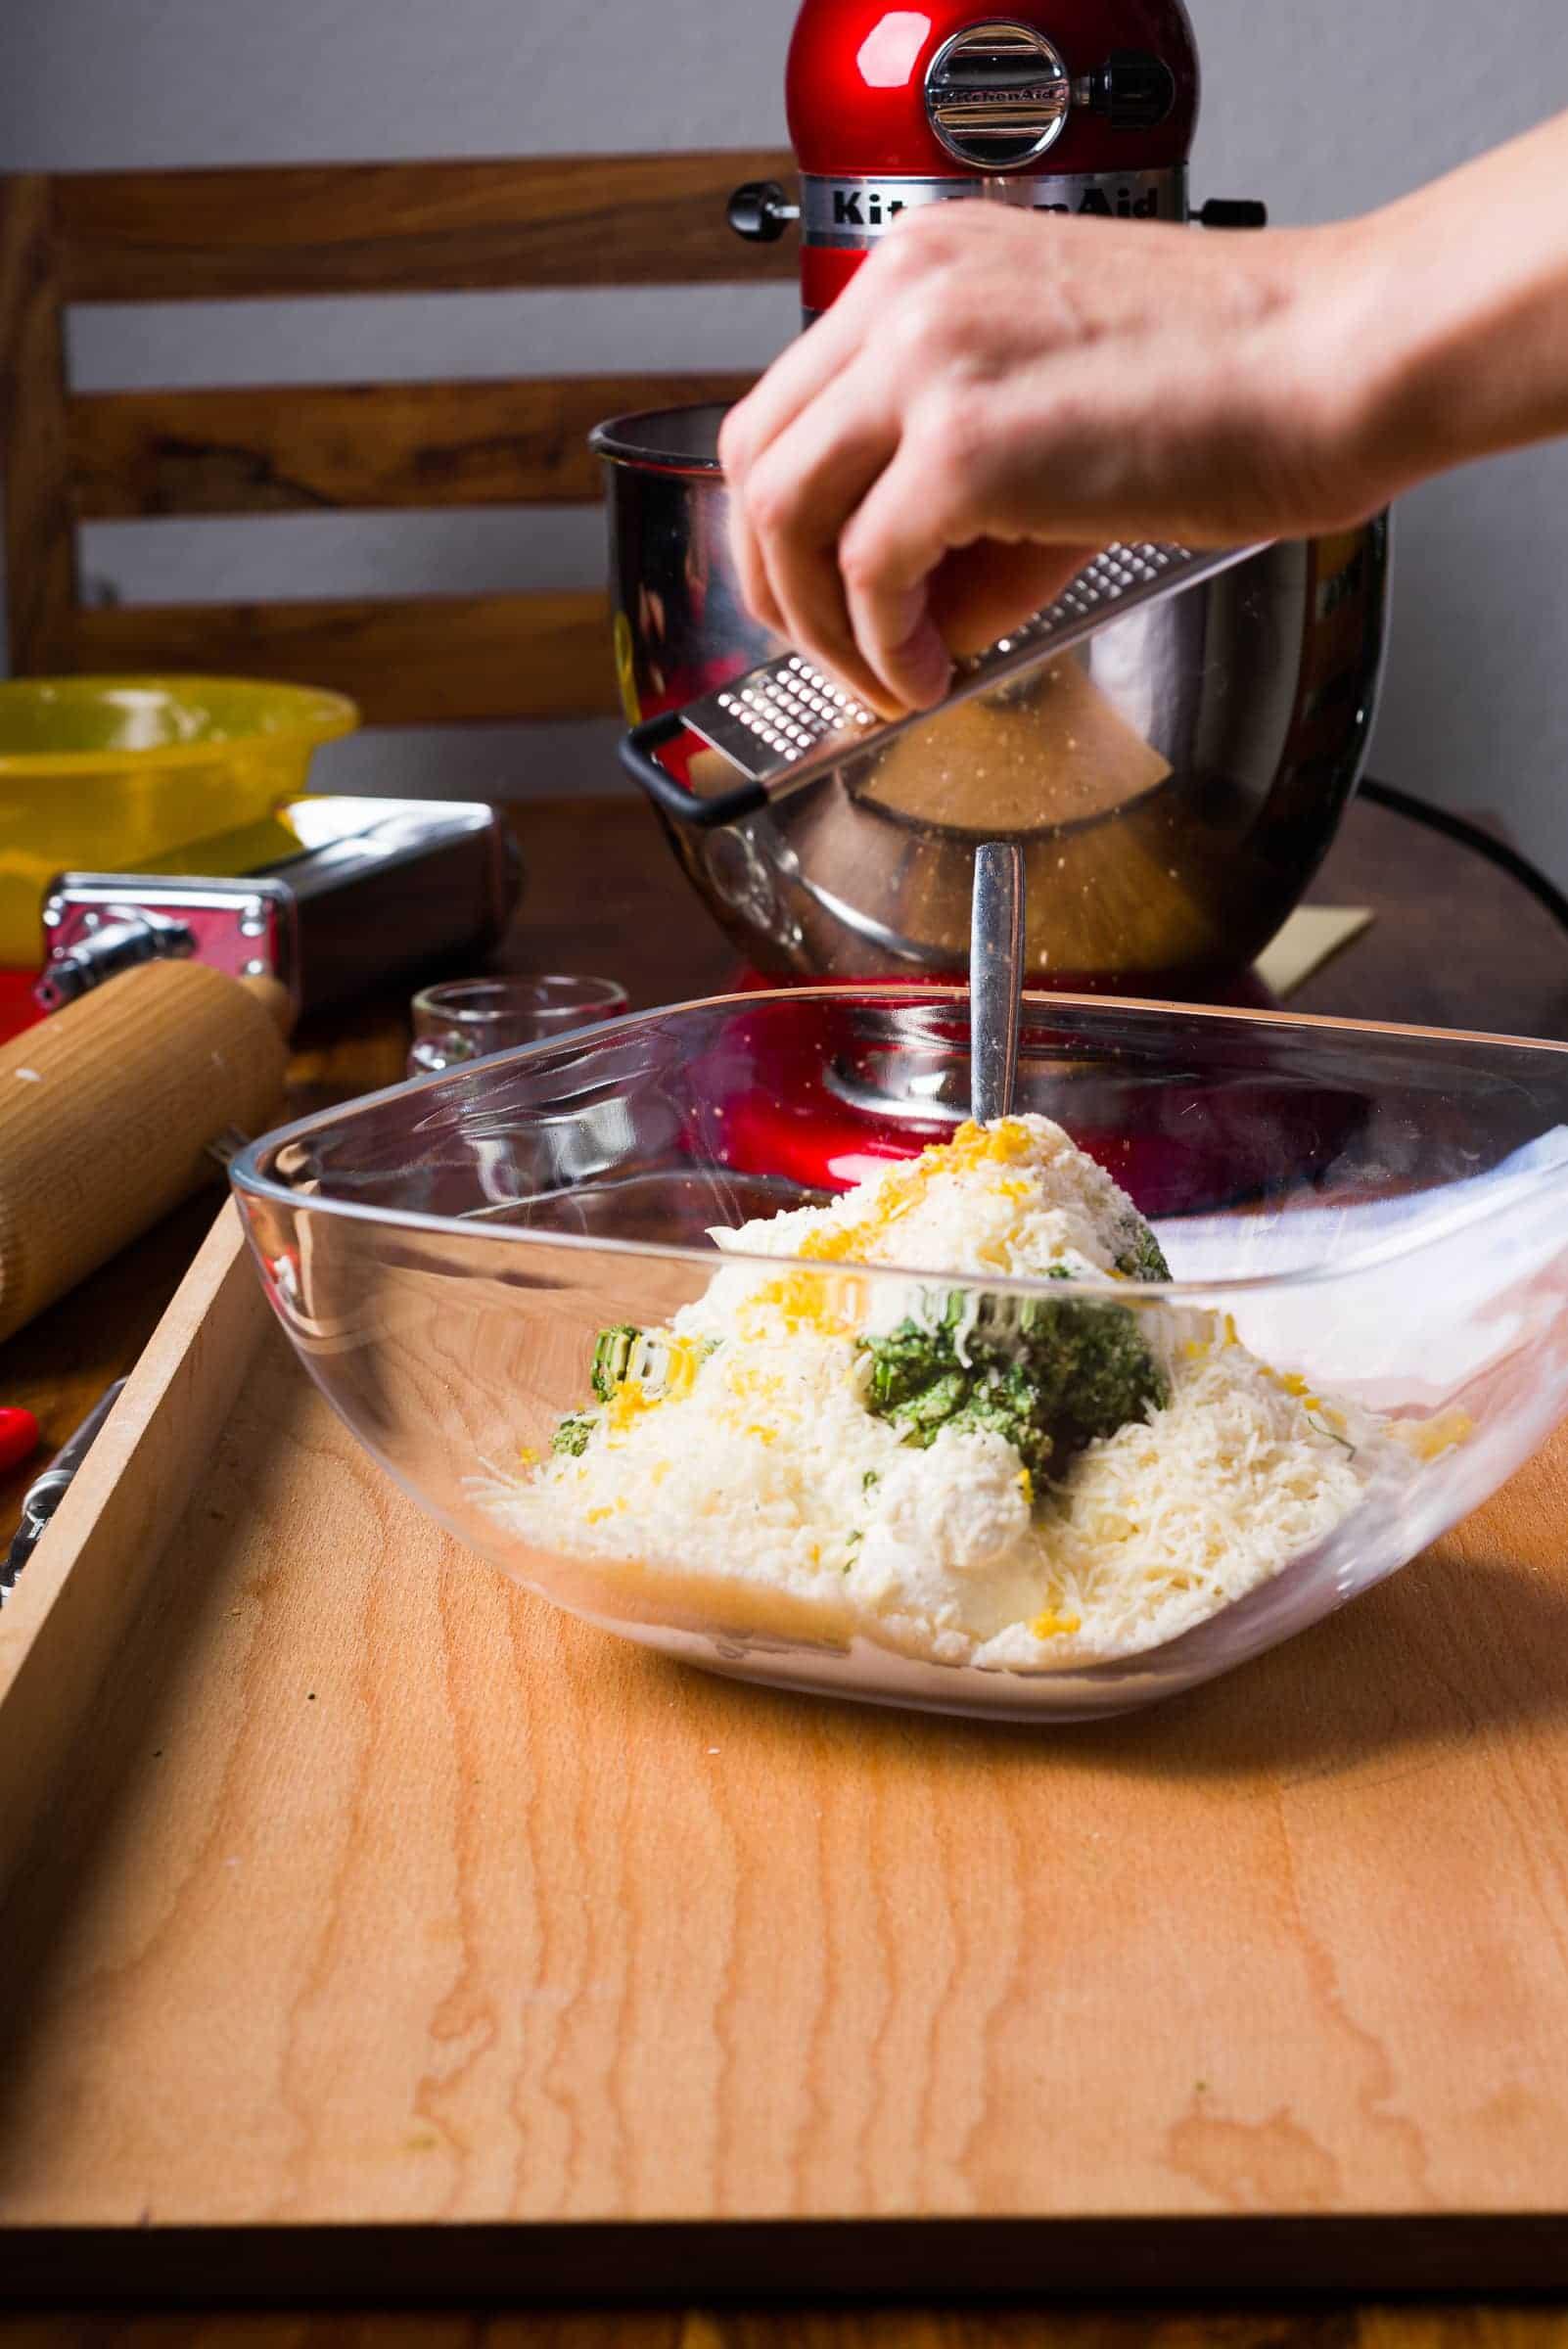 Ravioli con ricotta e spinaci ricetta GnamAm.com preparazione 6